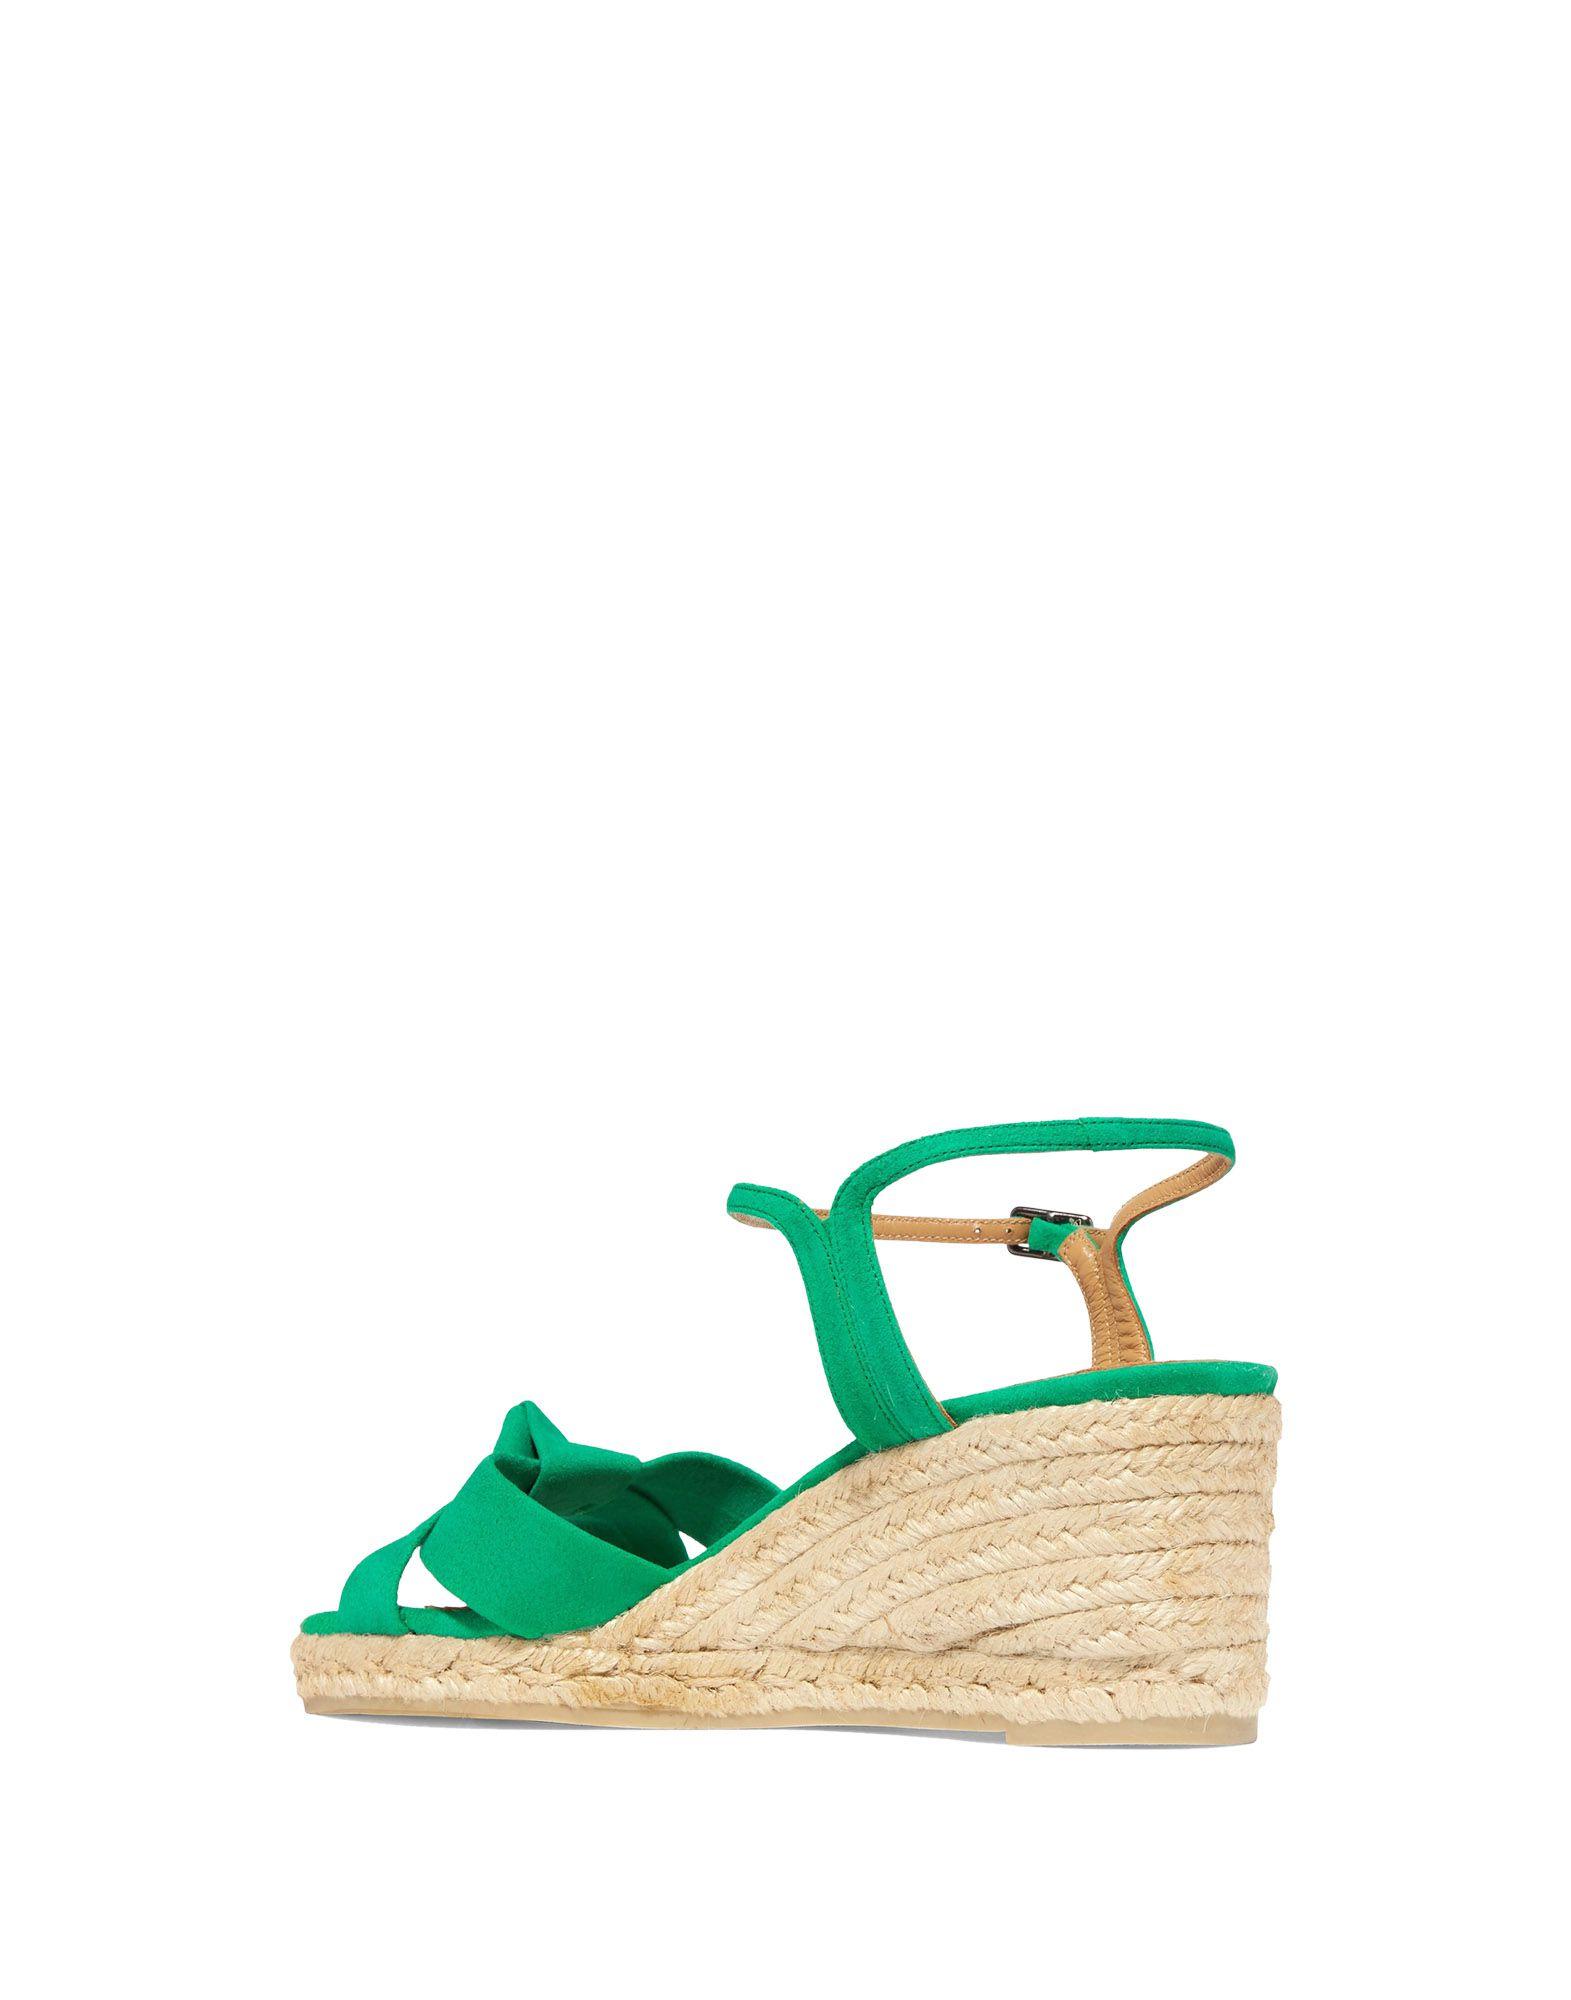 Castañer Sandalen Damen  11305739SH Gute Qualität beliebte Schuhe Schuhe Schuhe 4b2880